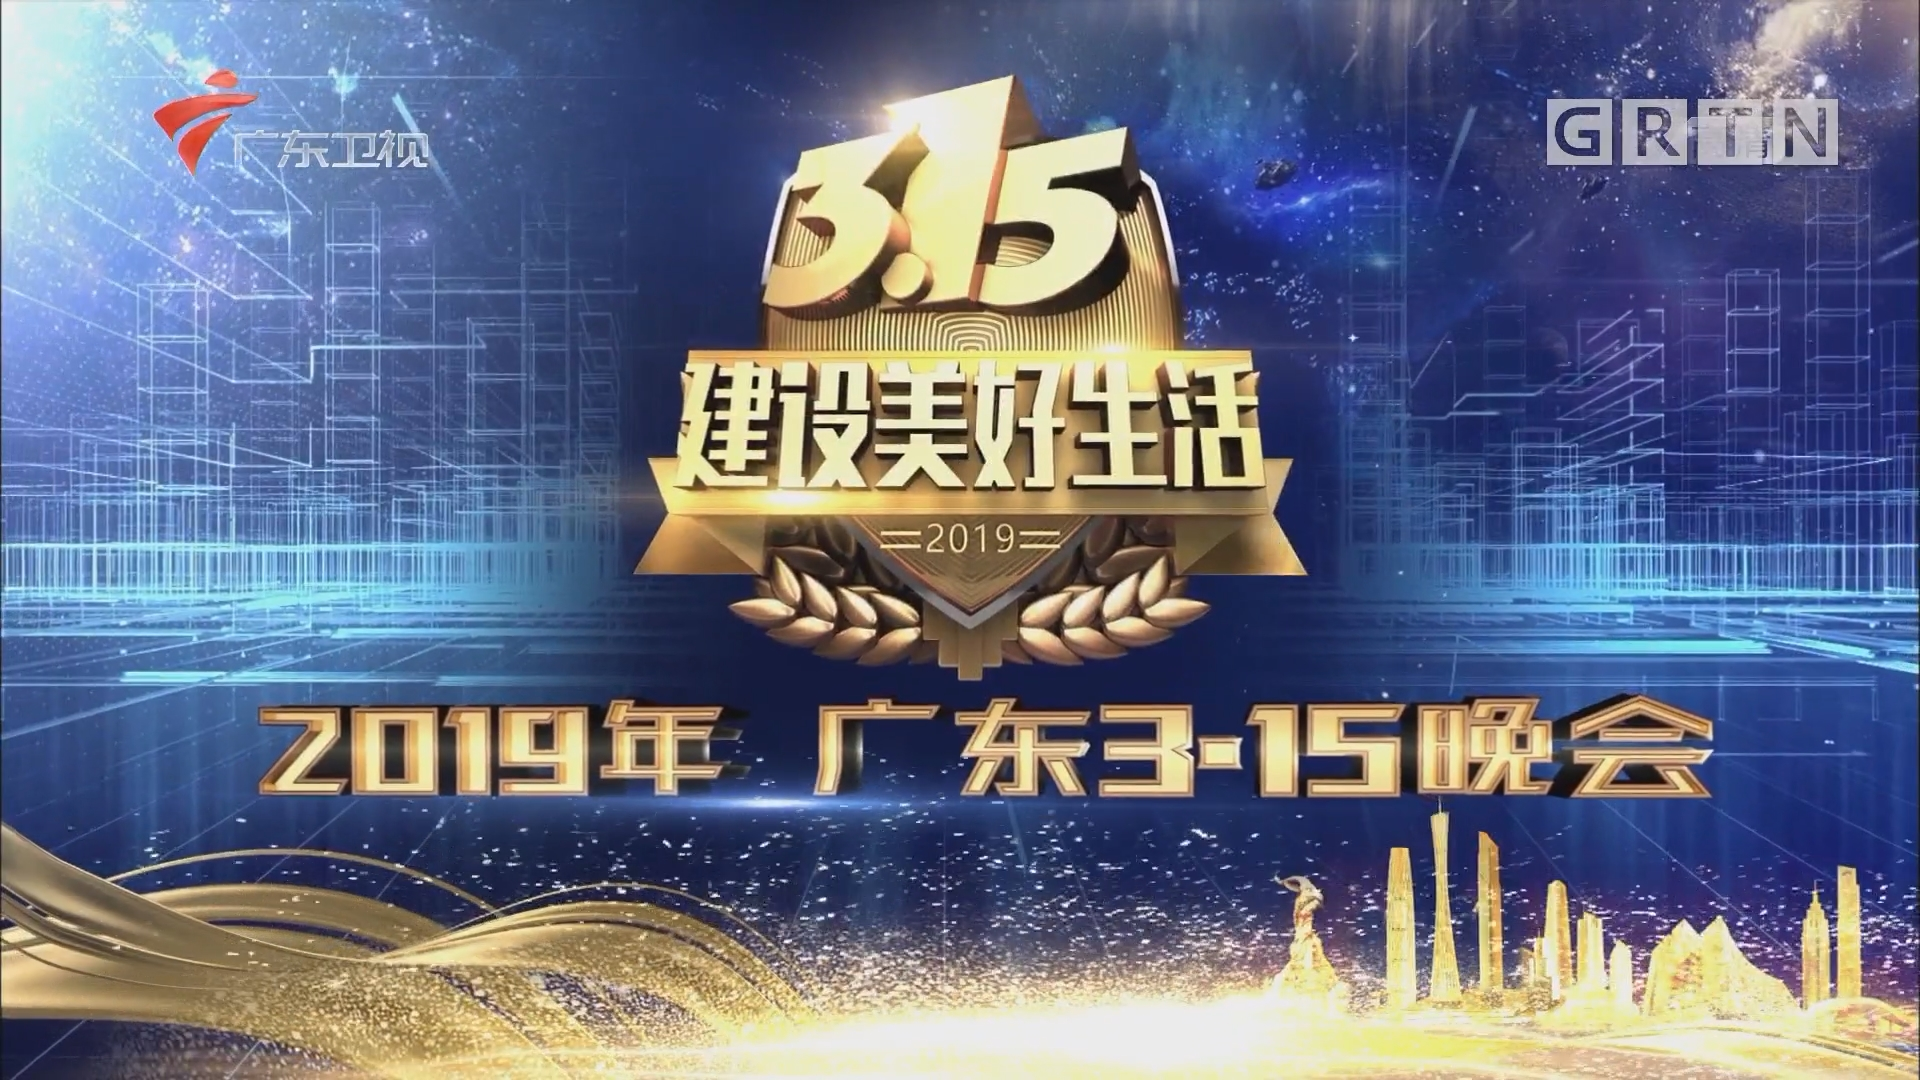 建设美好生活,再出发——2019广东3·15晚会